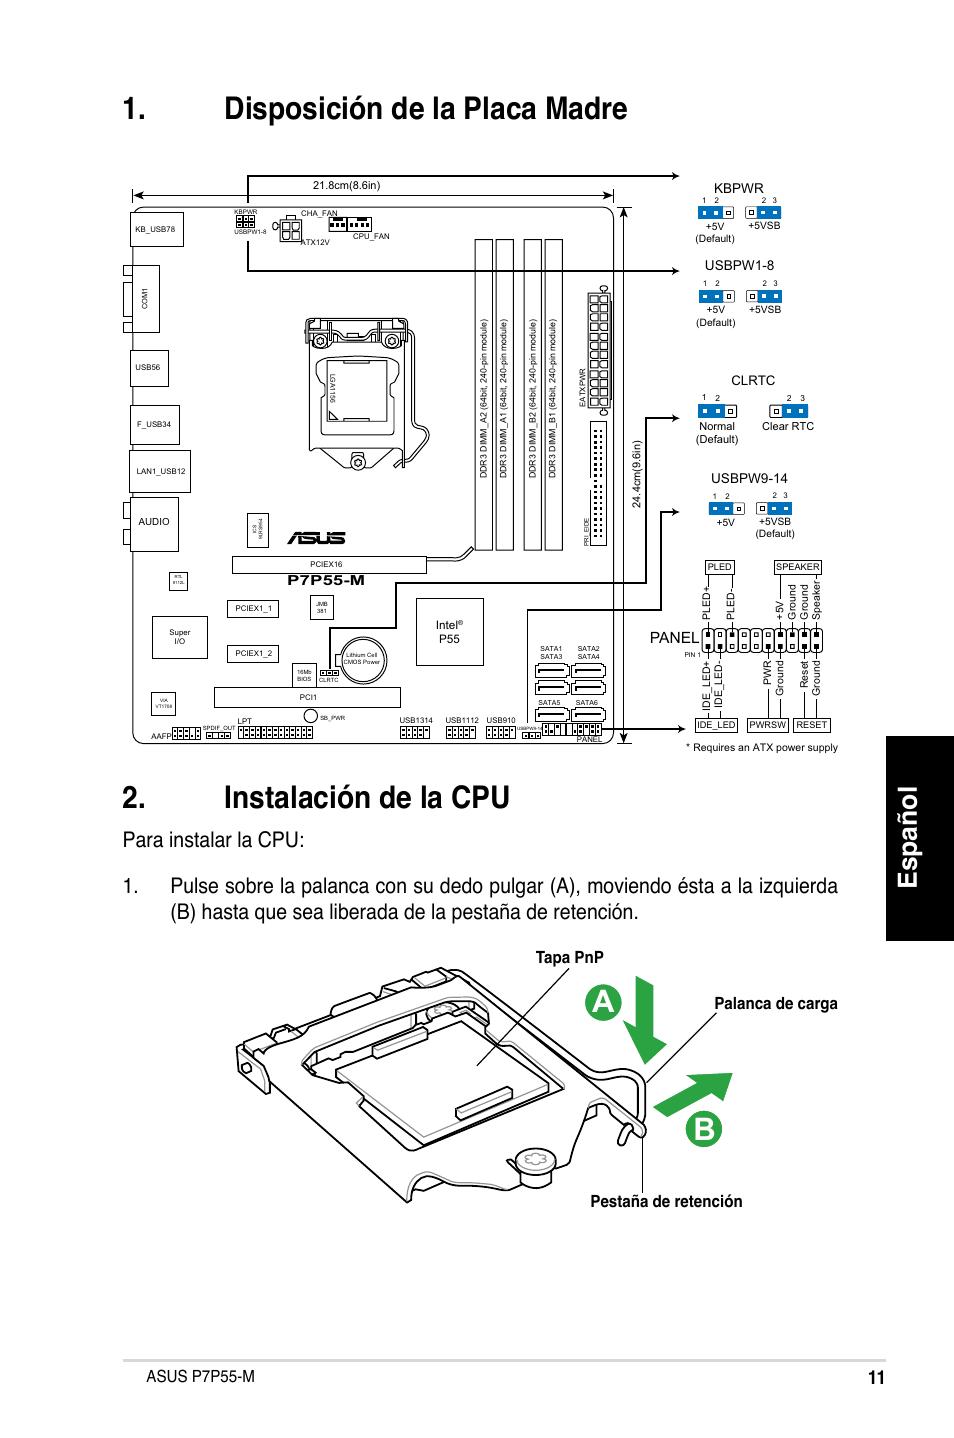 Español, Asus p7p55-m, Palanca de carga pestaña de